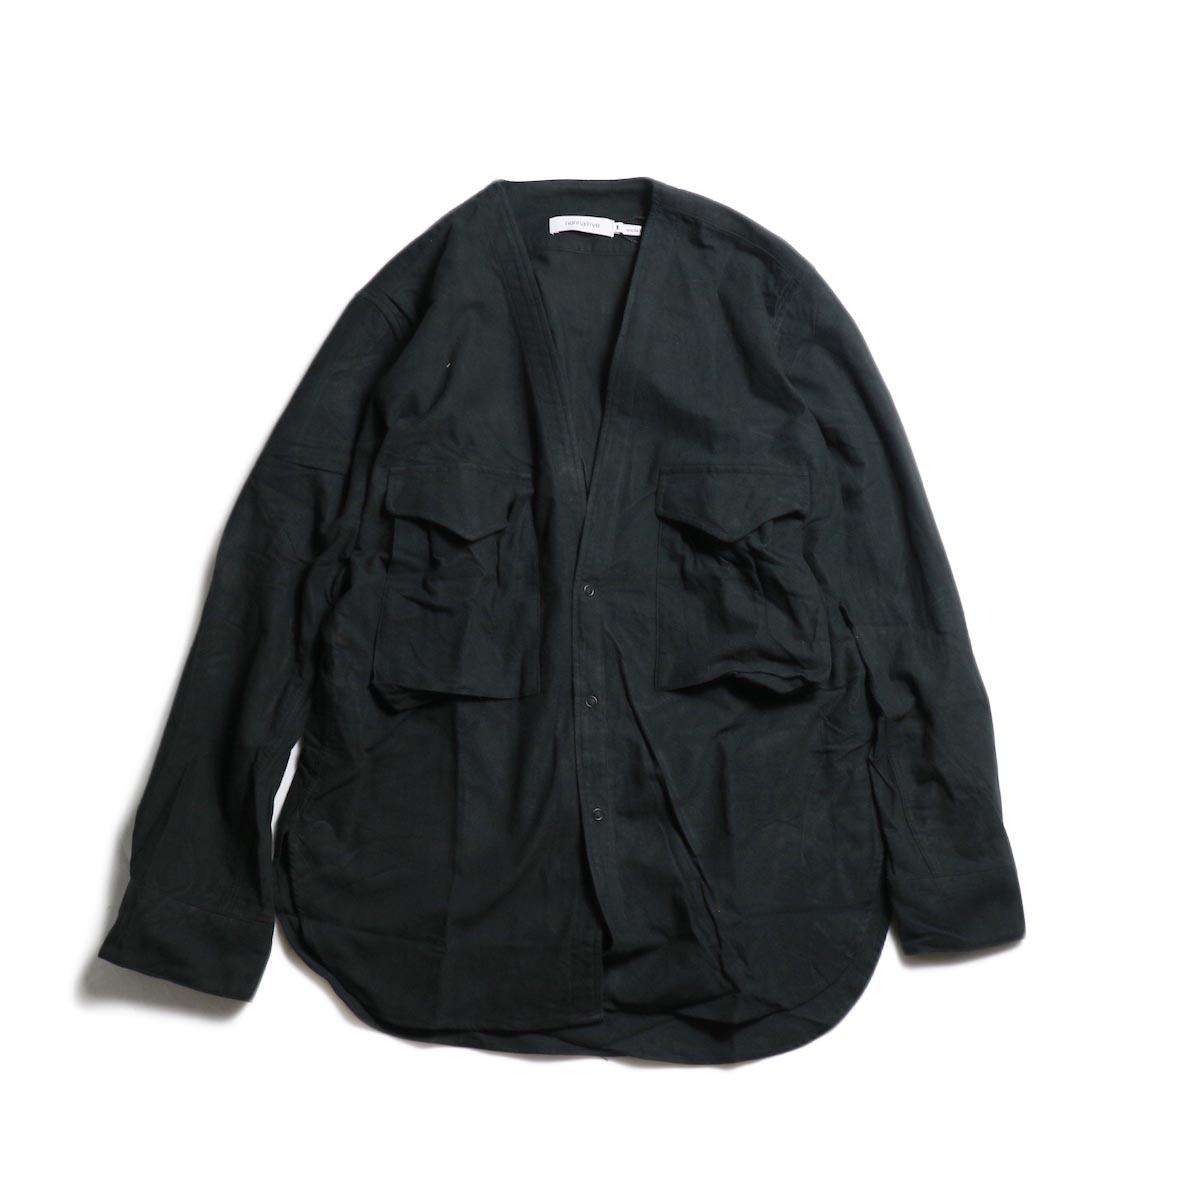 nonnative / CARPENTER SHIRT JACKET COTTON FLANNEL -Black